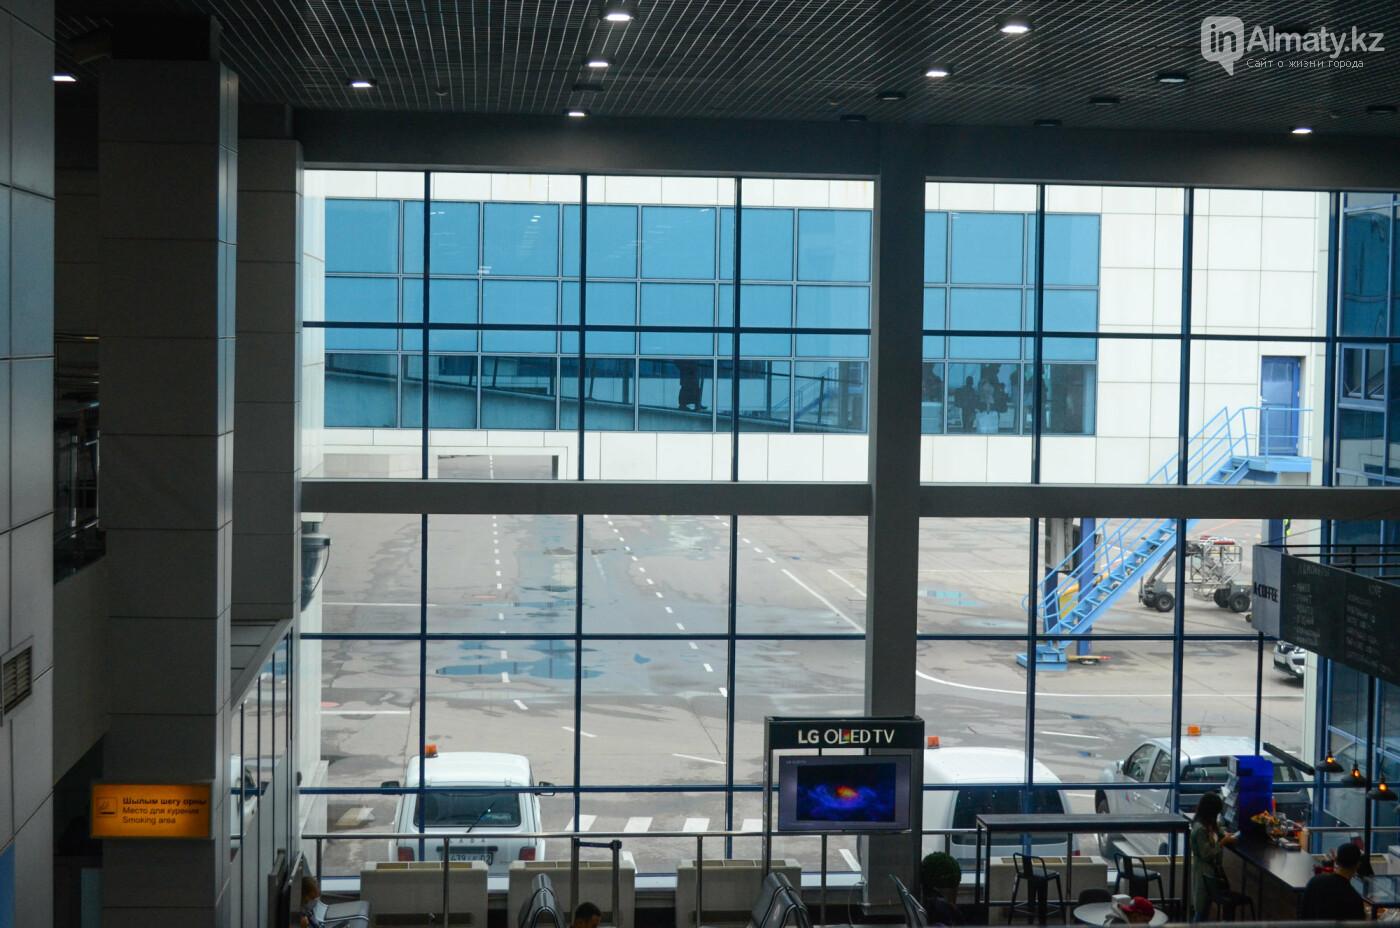 Как работает Международный аэропорт в Алматы в условиях карантина. Фото, фото-14